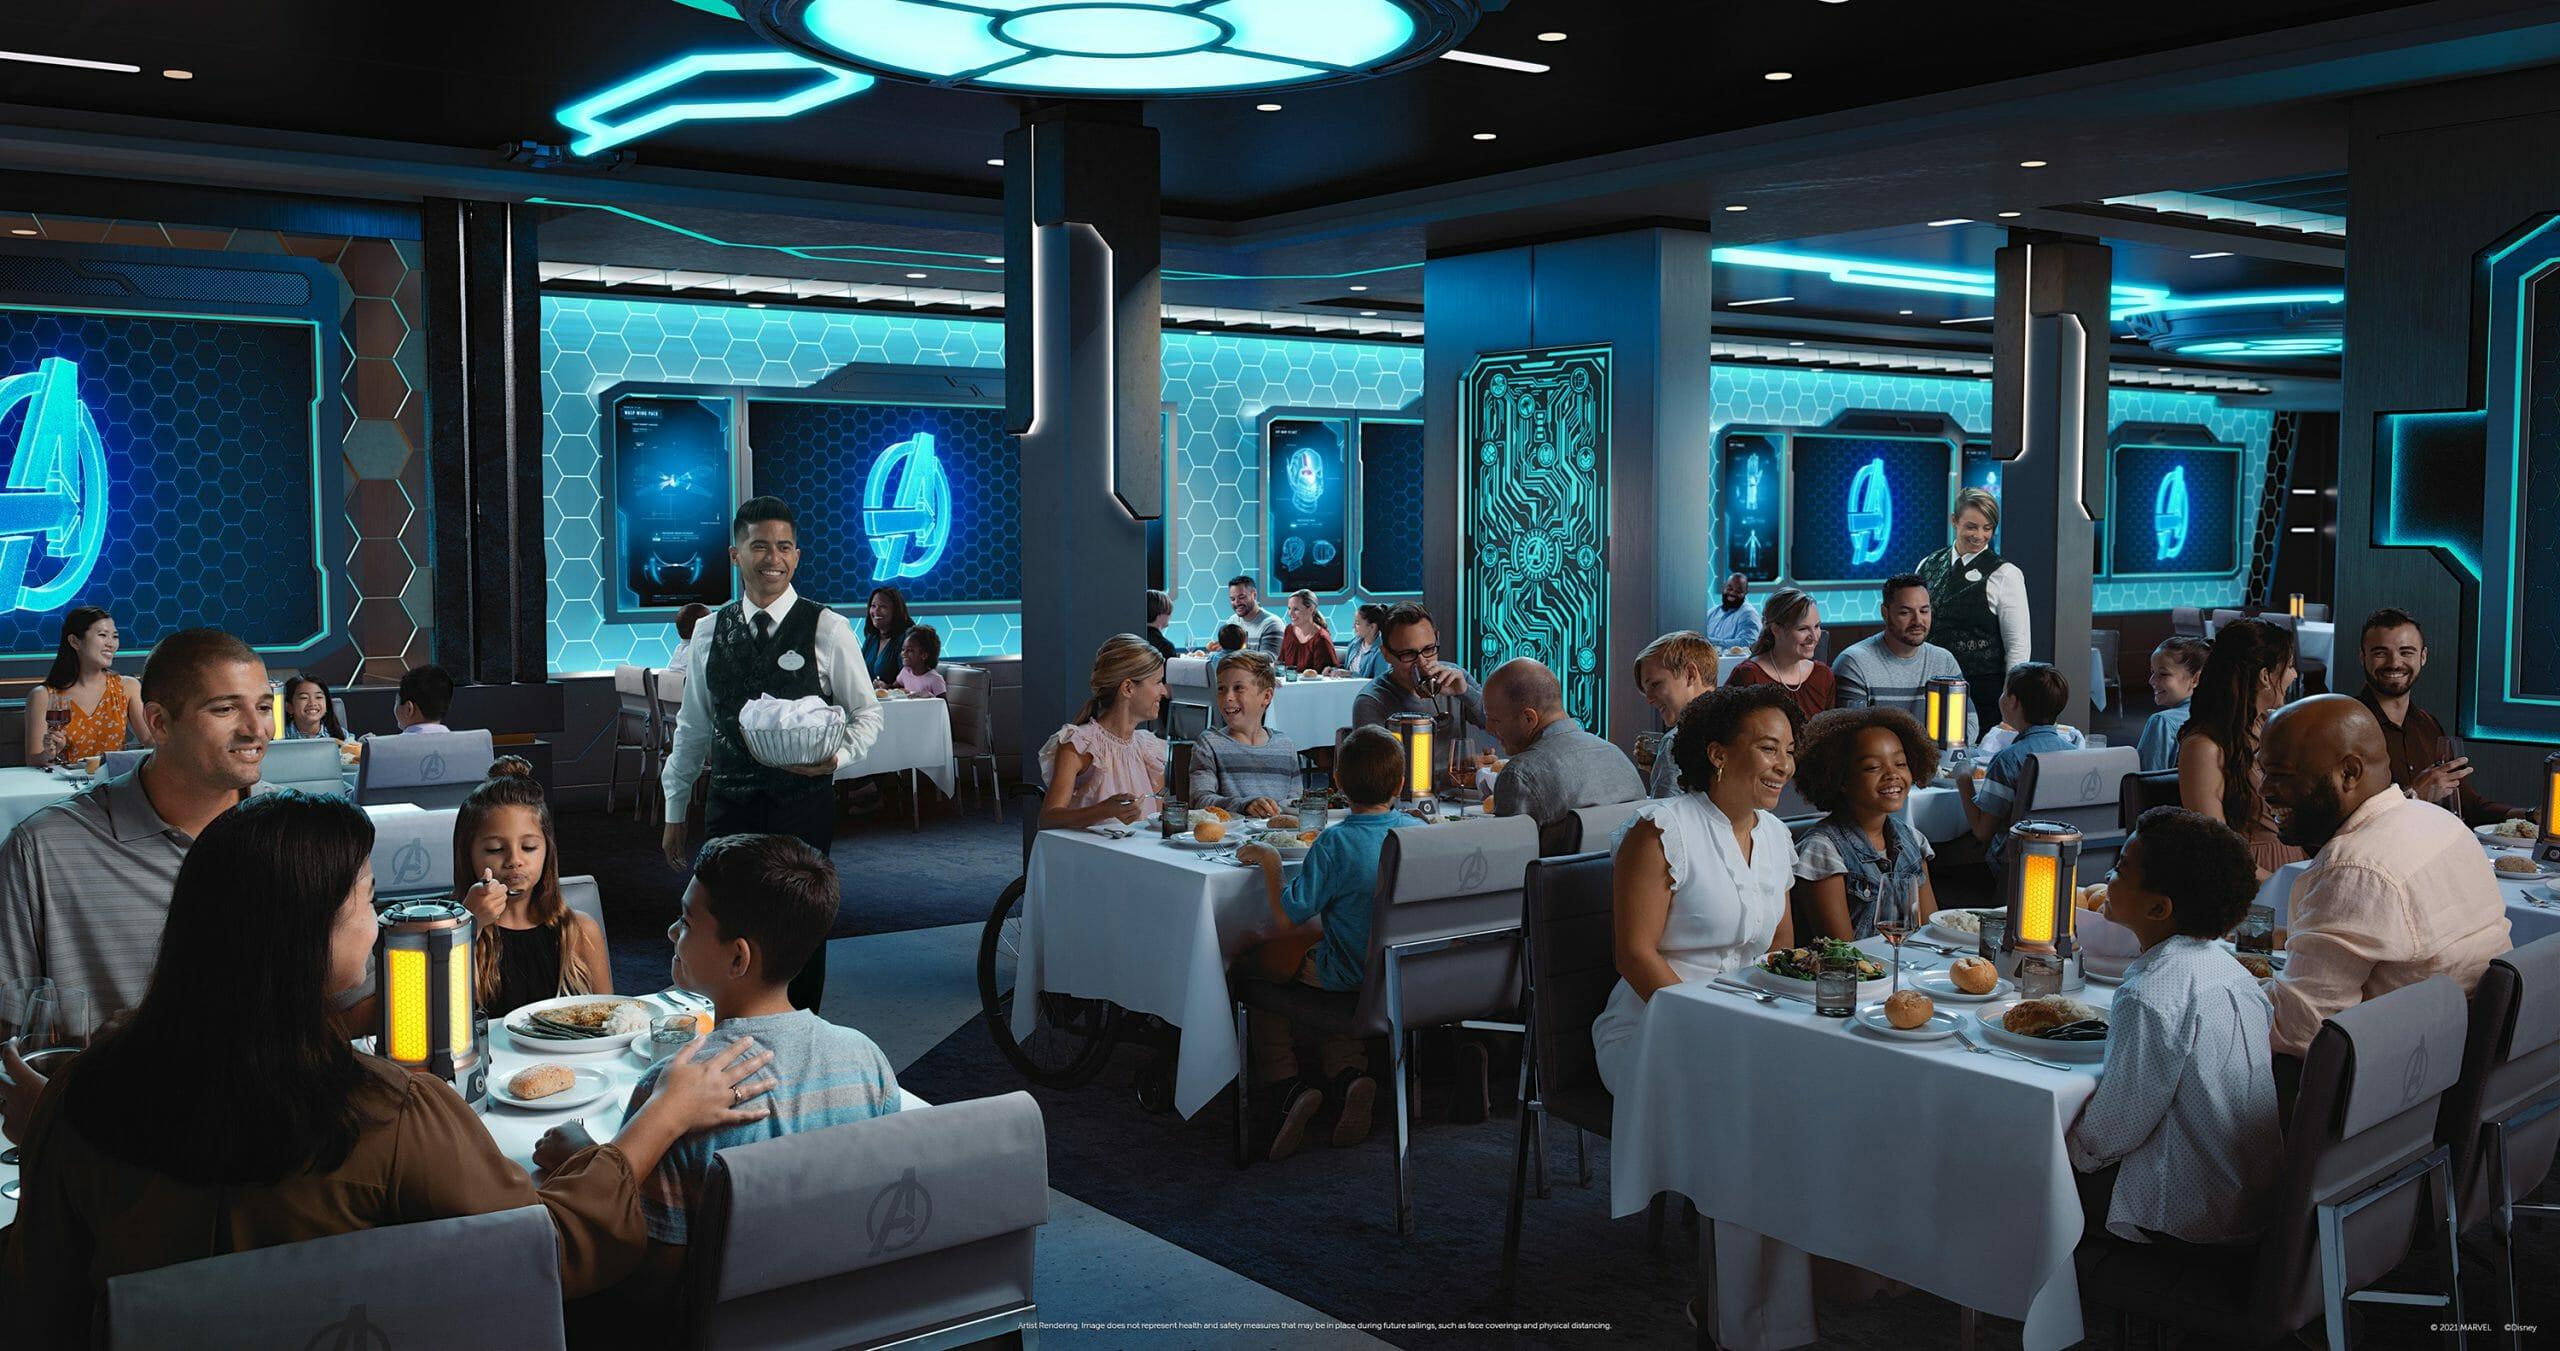 Imagem do novo restaurante da Marvel no Disney Wish, com decoração em tons de azul remetendo aos Avengers